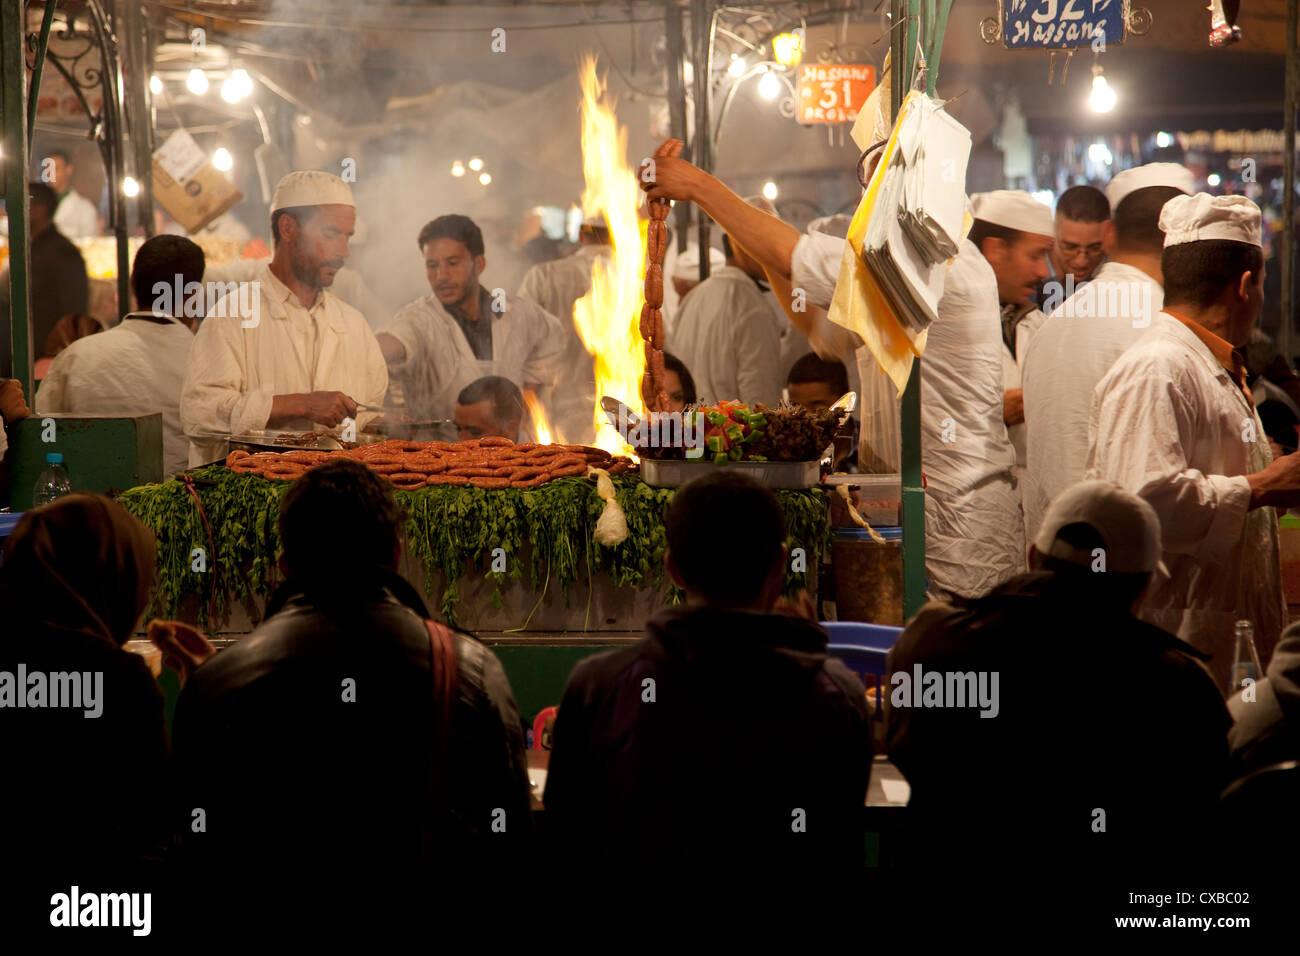 Mercati alimentari di stallo, la Piazza Jemaa El Fna a Marrakech, Marocco, Africa Settentrionale, Africa Immagini Stock